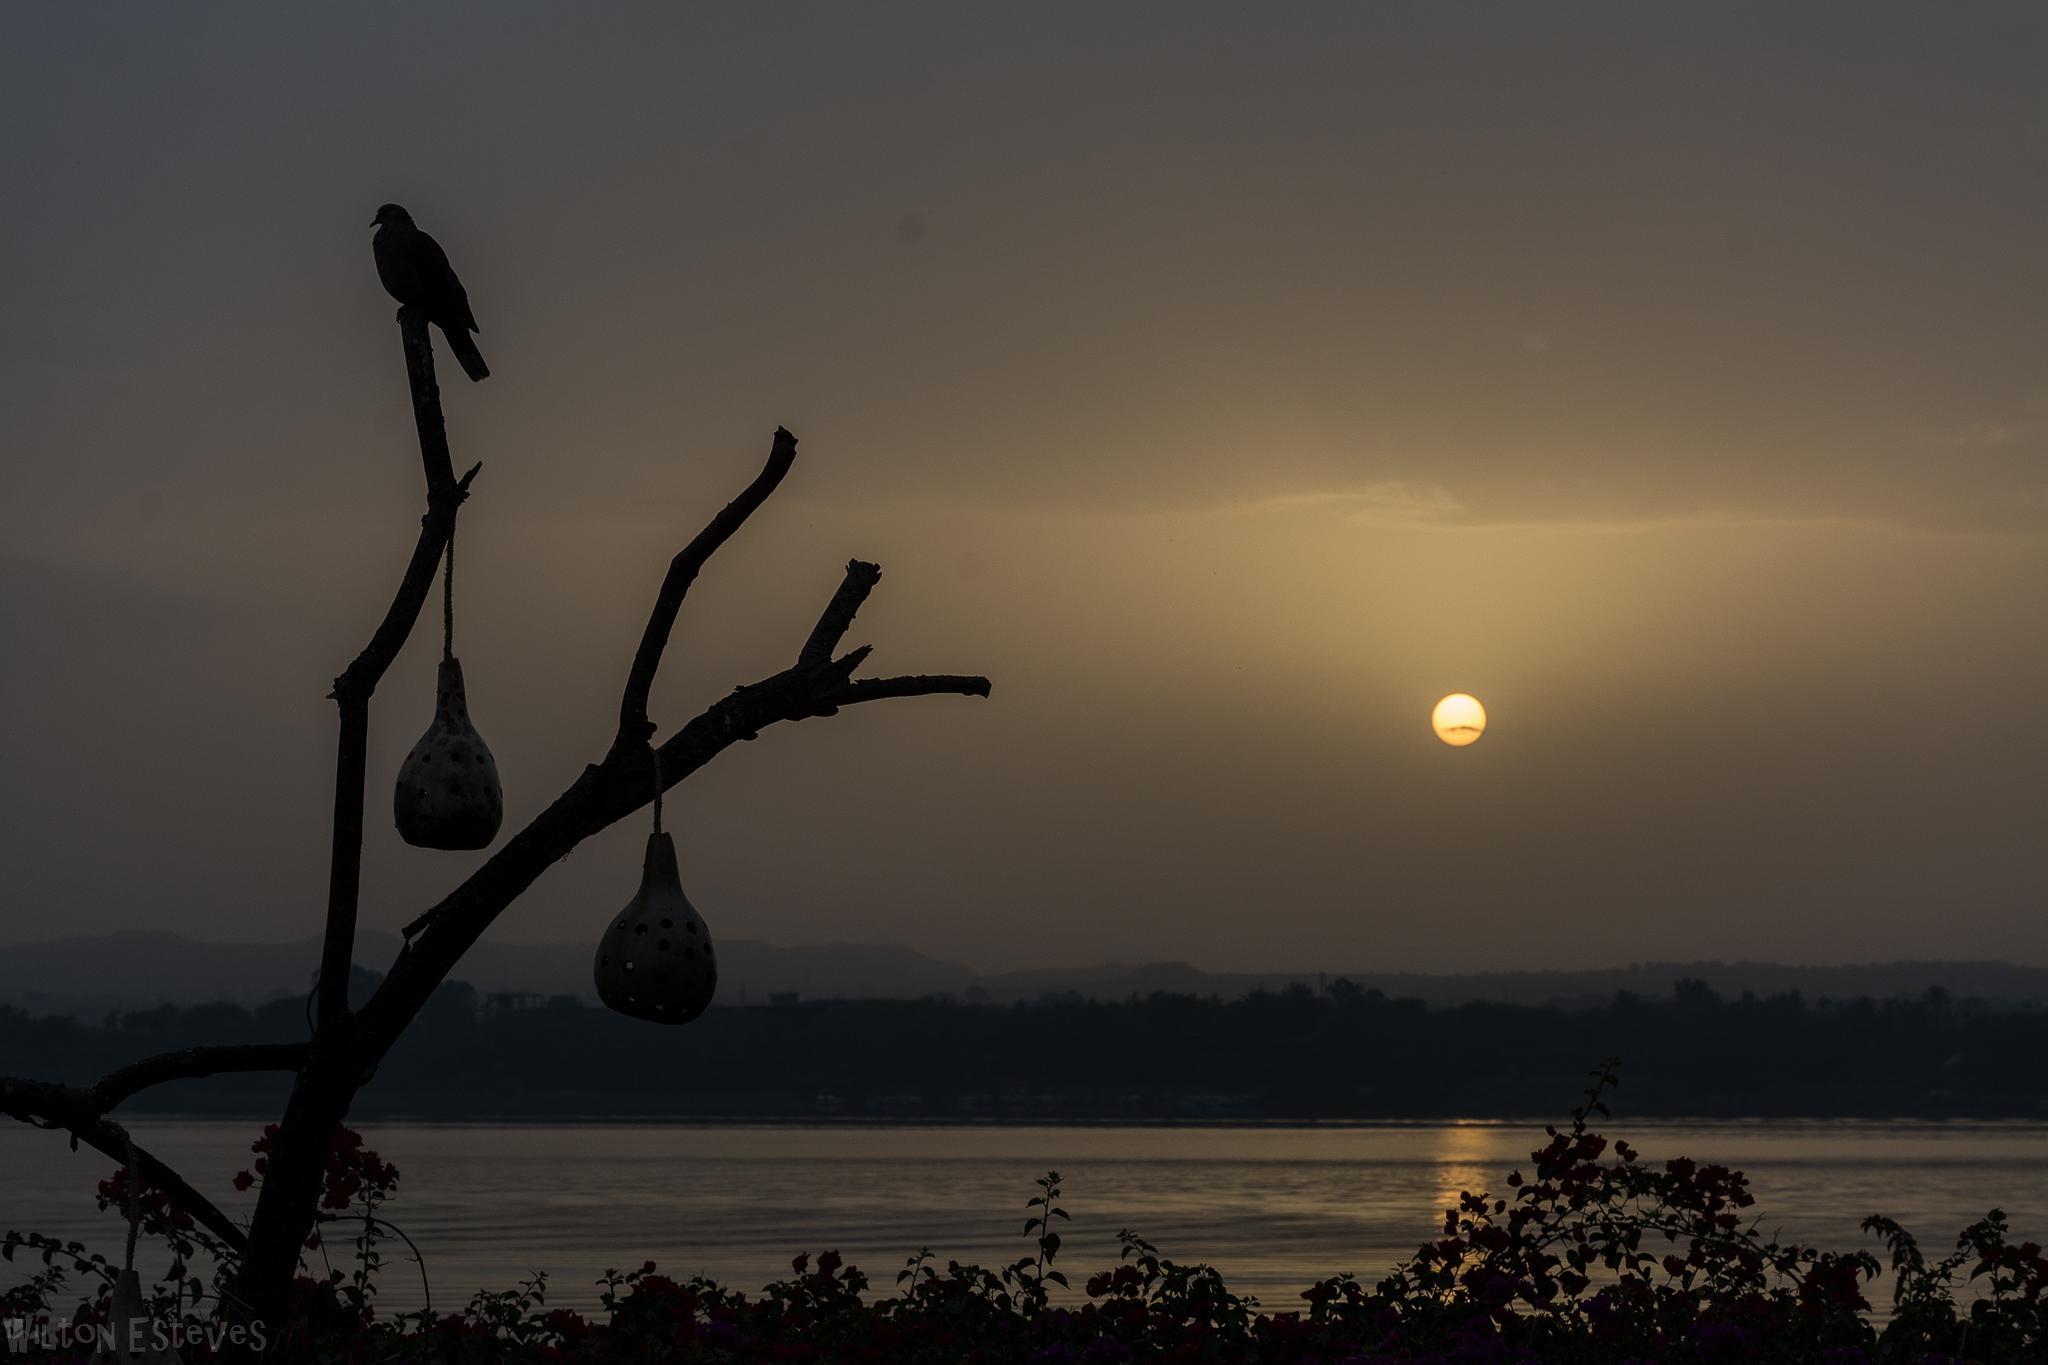 Lake Tana Sunrise 1 by Wilton Esteves